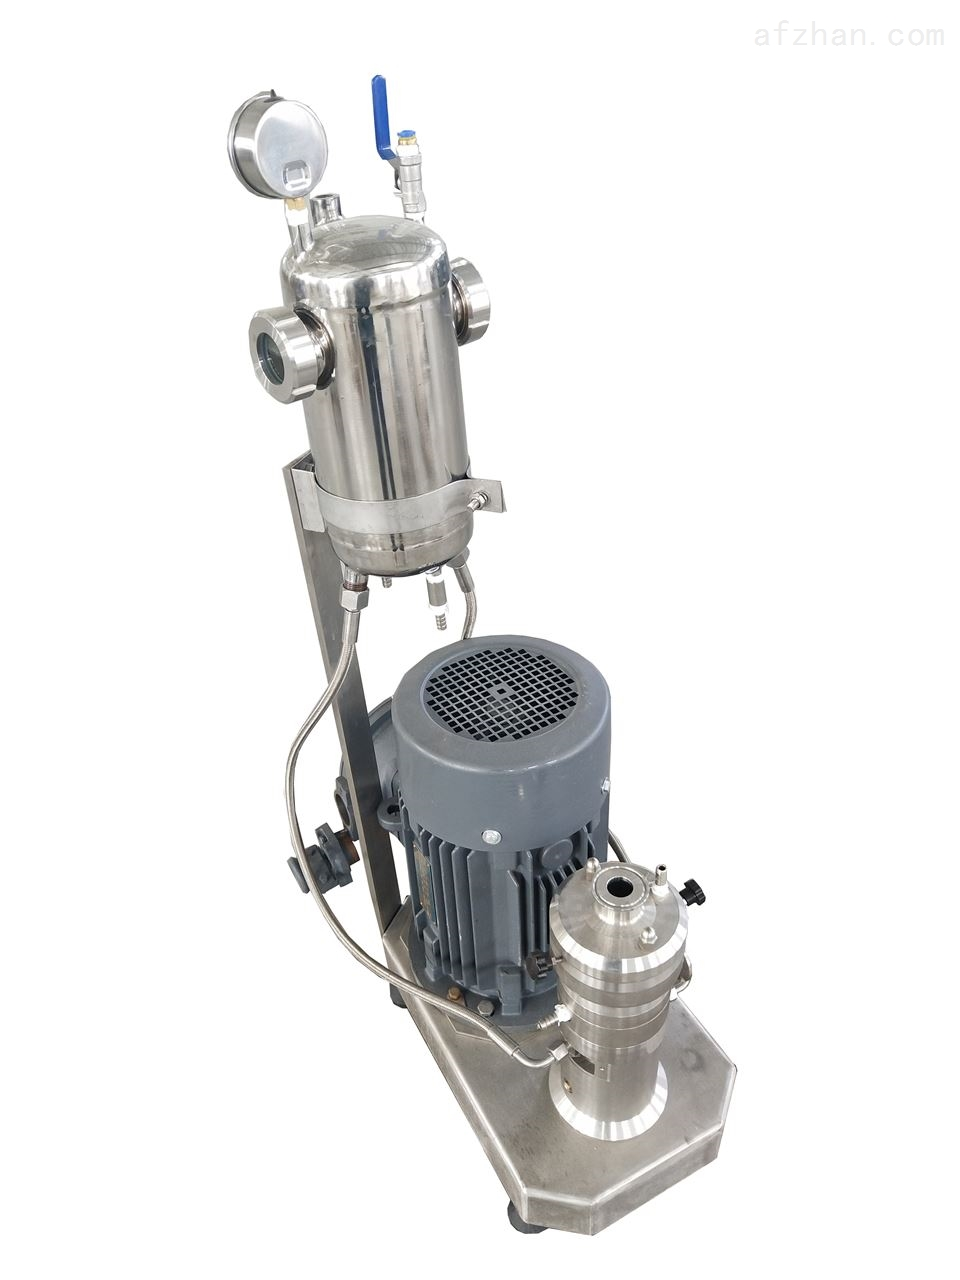 植物營養液研磨機